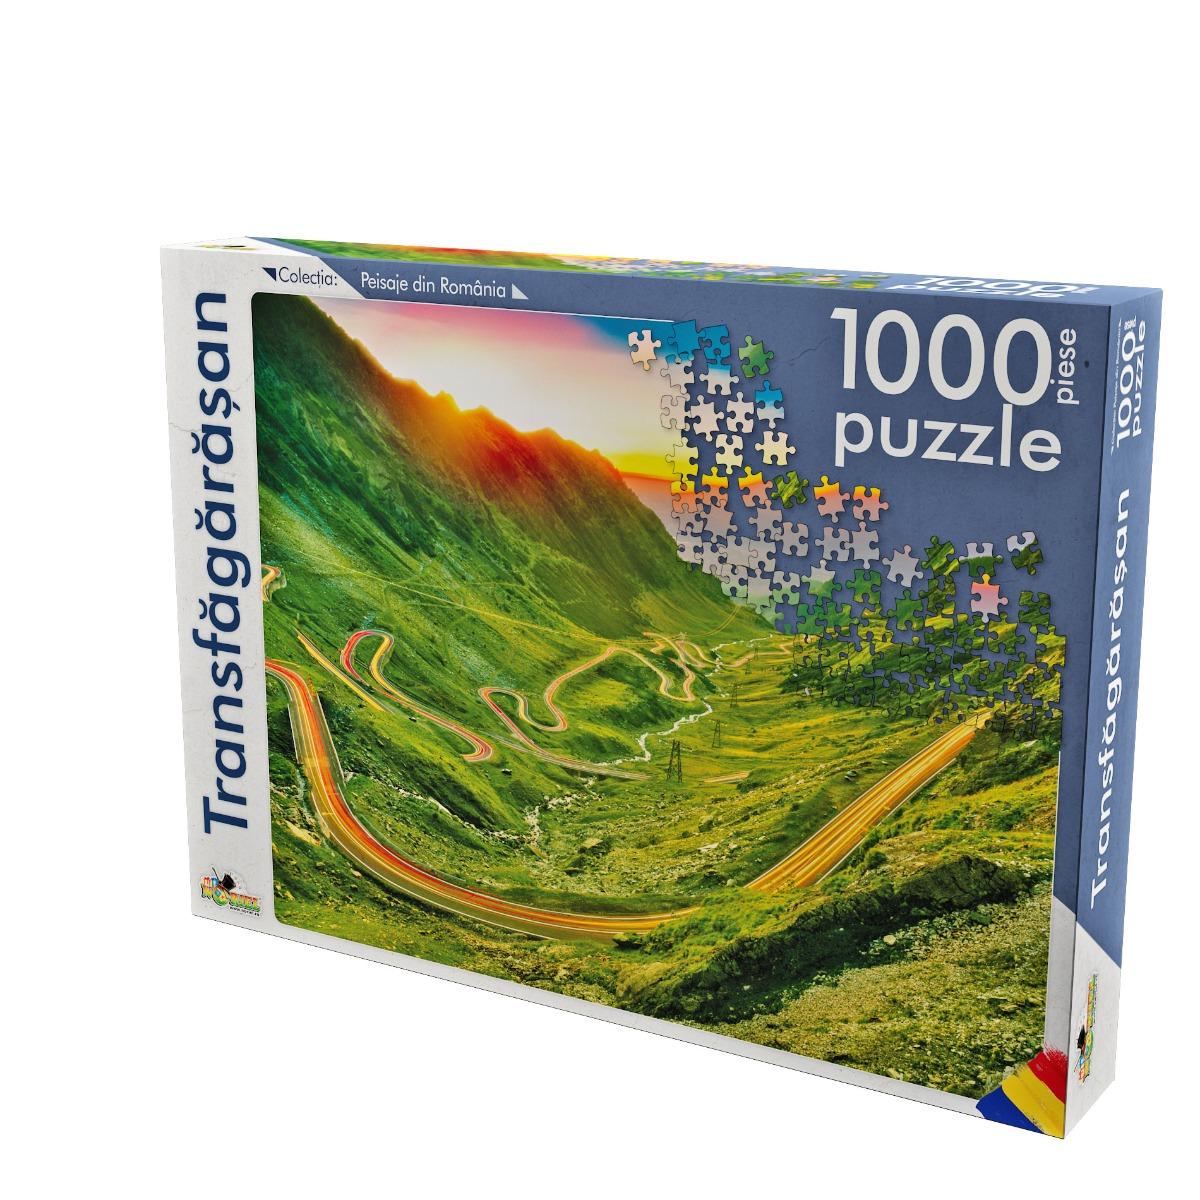 puzzle noriel peisaje din romania - transfagarasan (1000 piese)